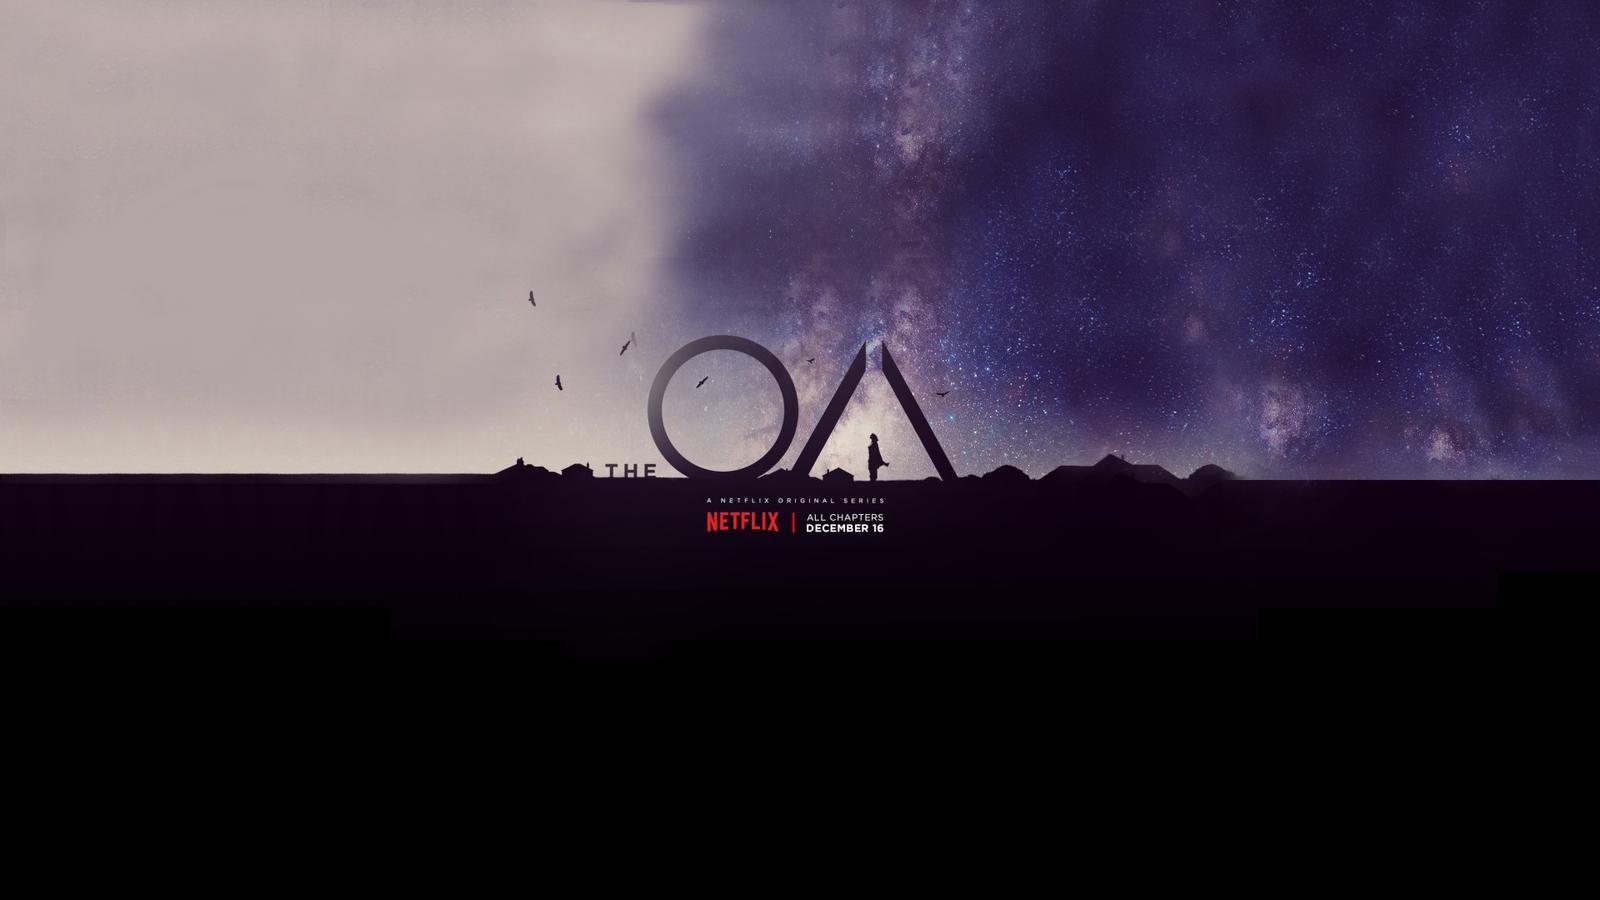 ОА / The OA